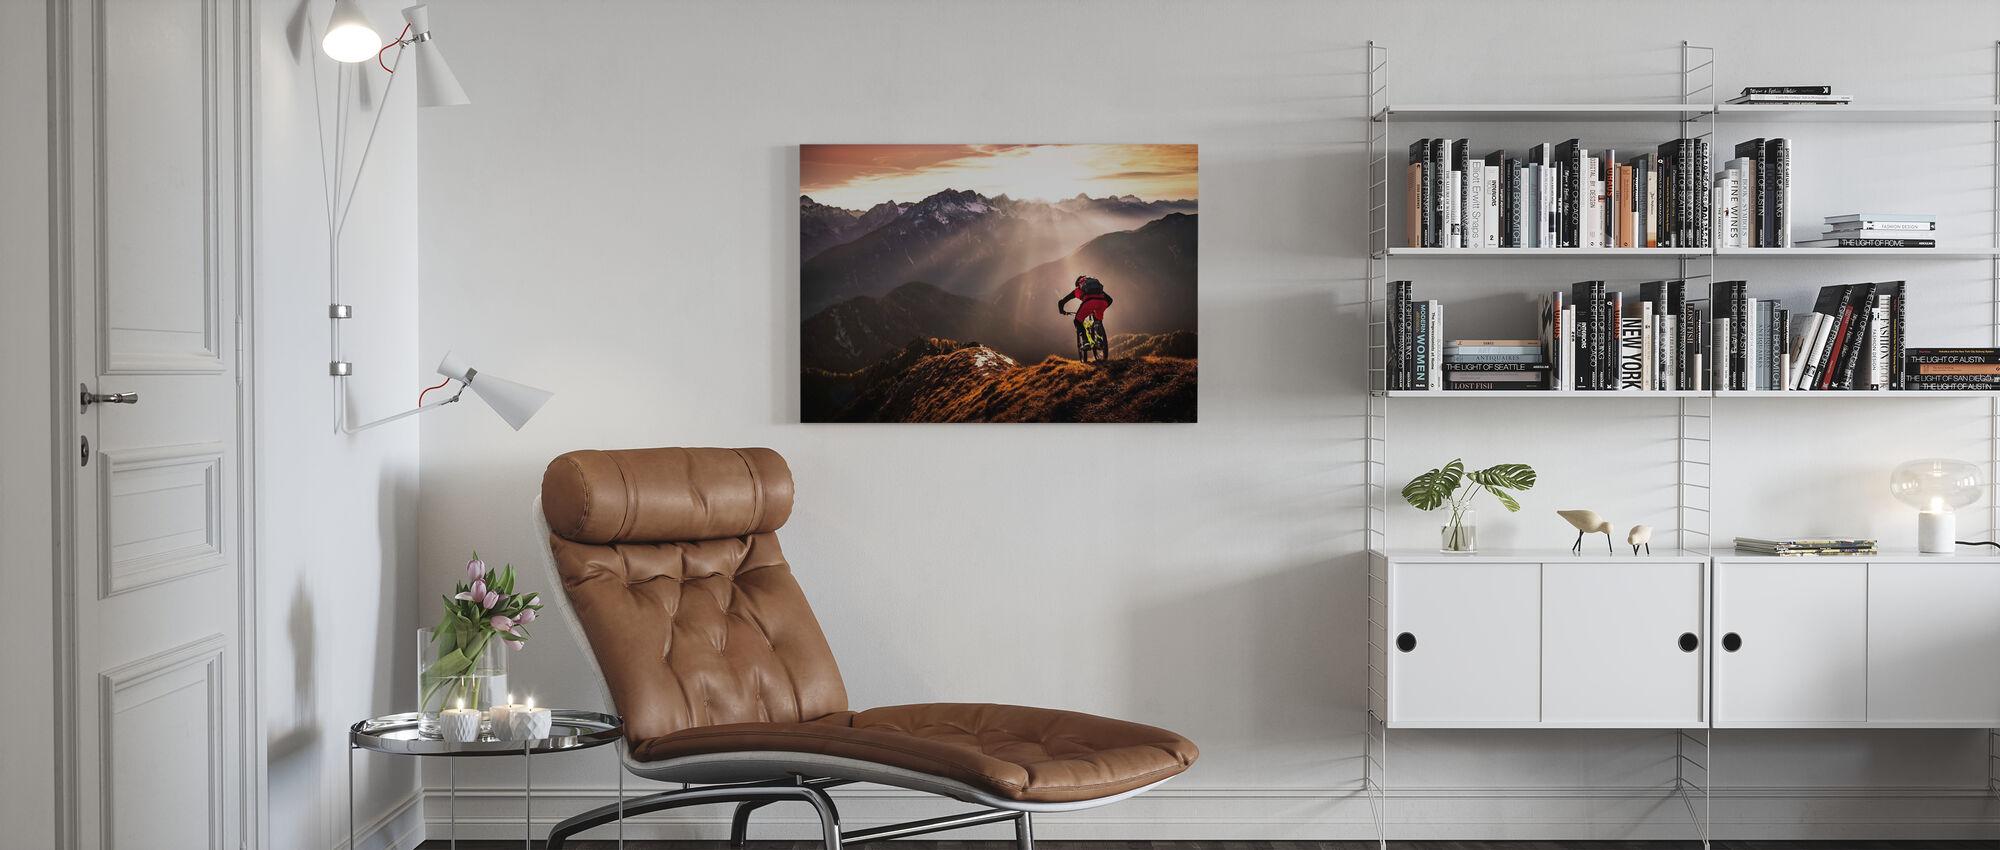 Gewoon rijden - Canvas print - Woonkamer